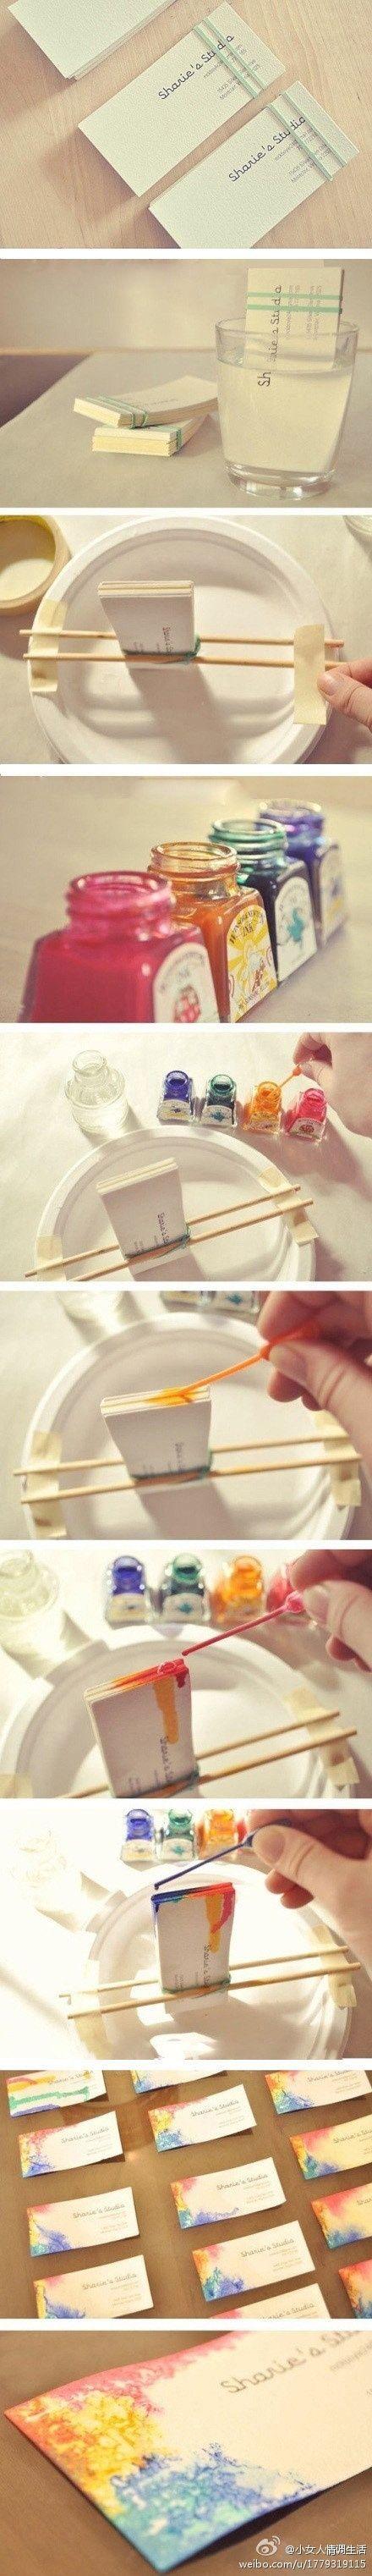 awesome idea